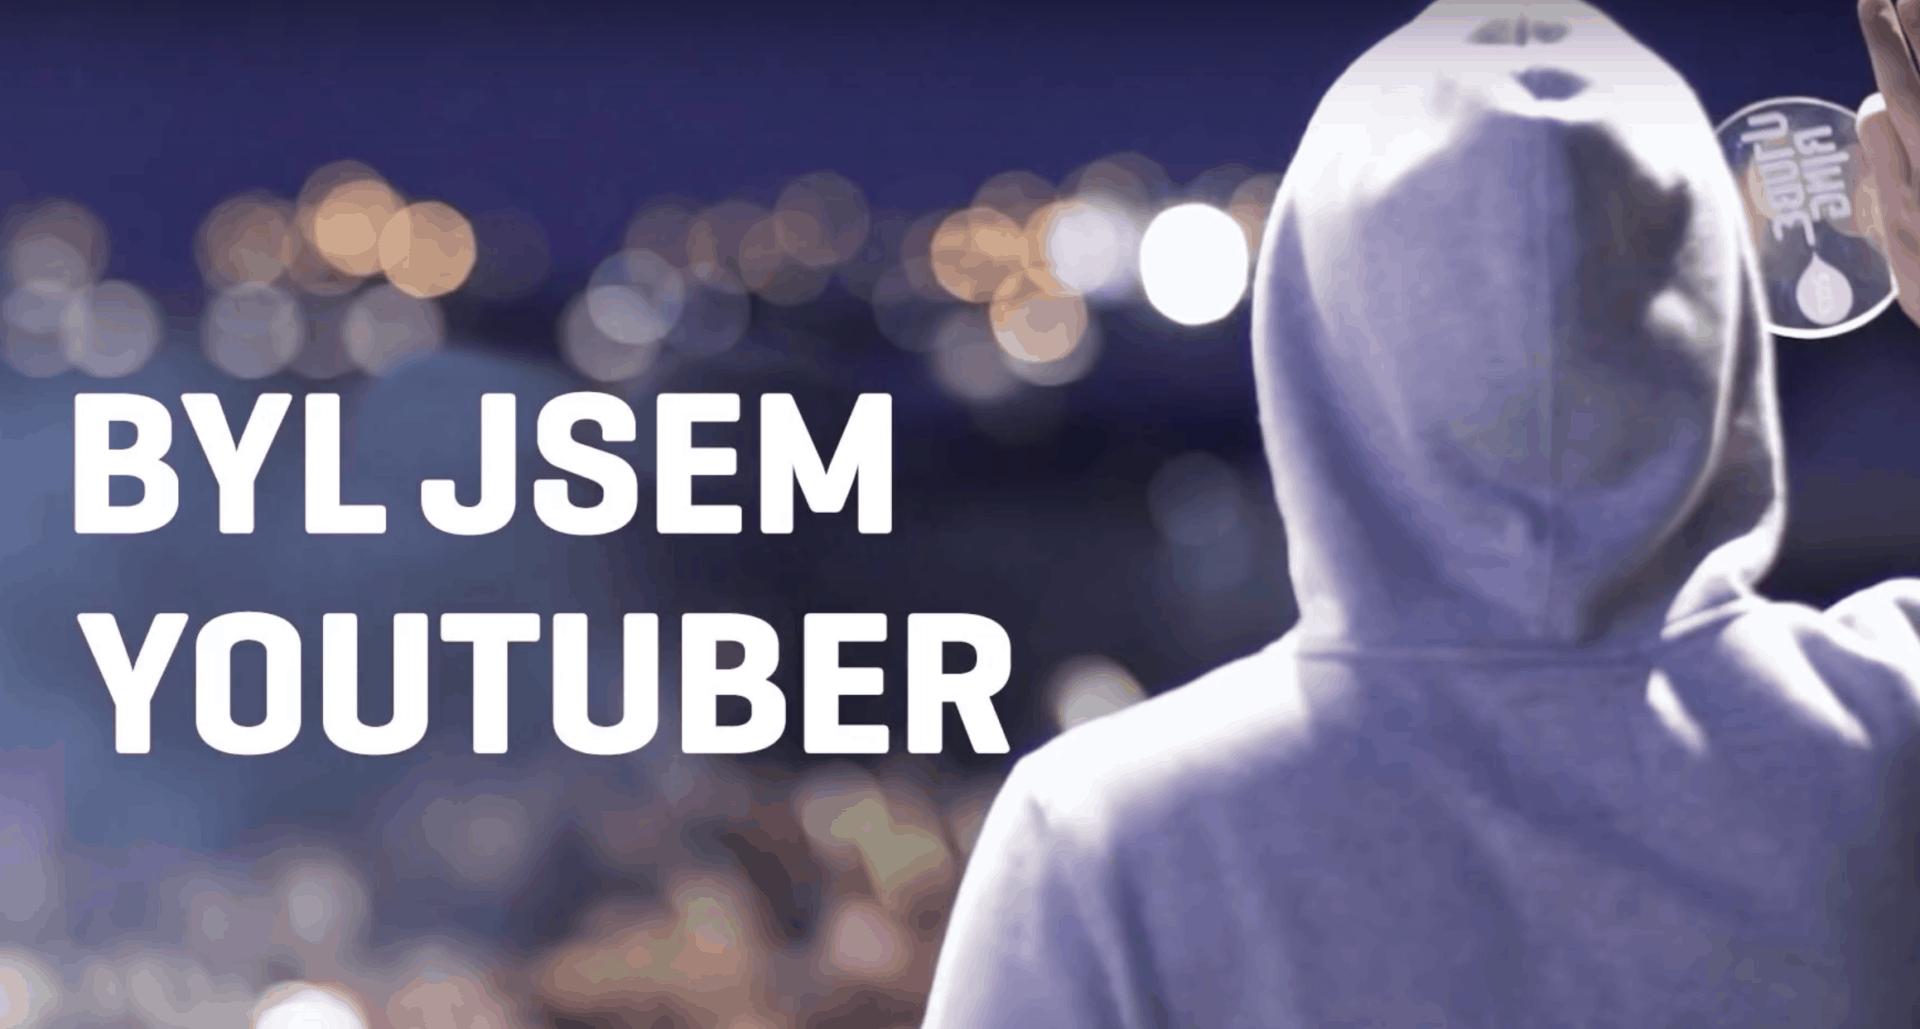 Jirka Král končí na platformě YouTube. Videoserver jde špatným směrem